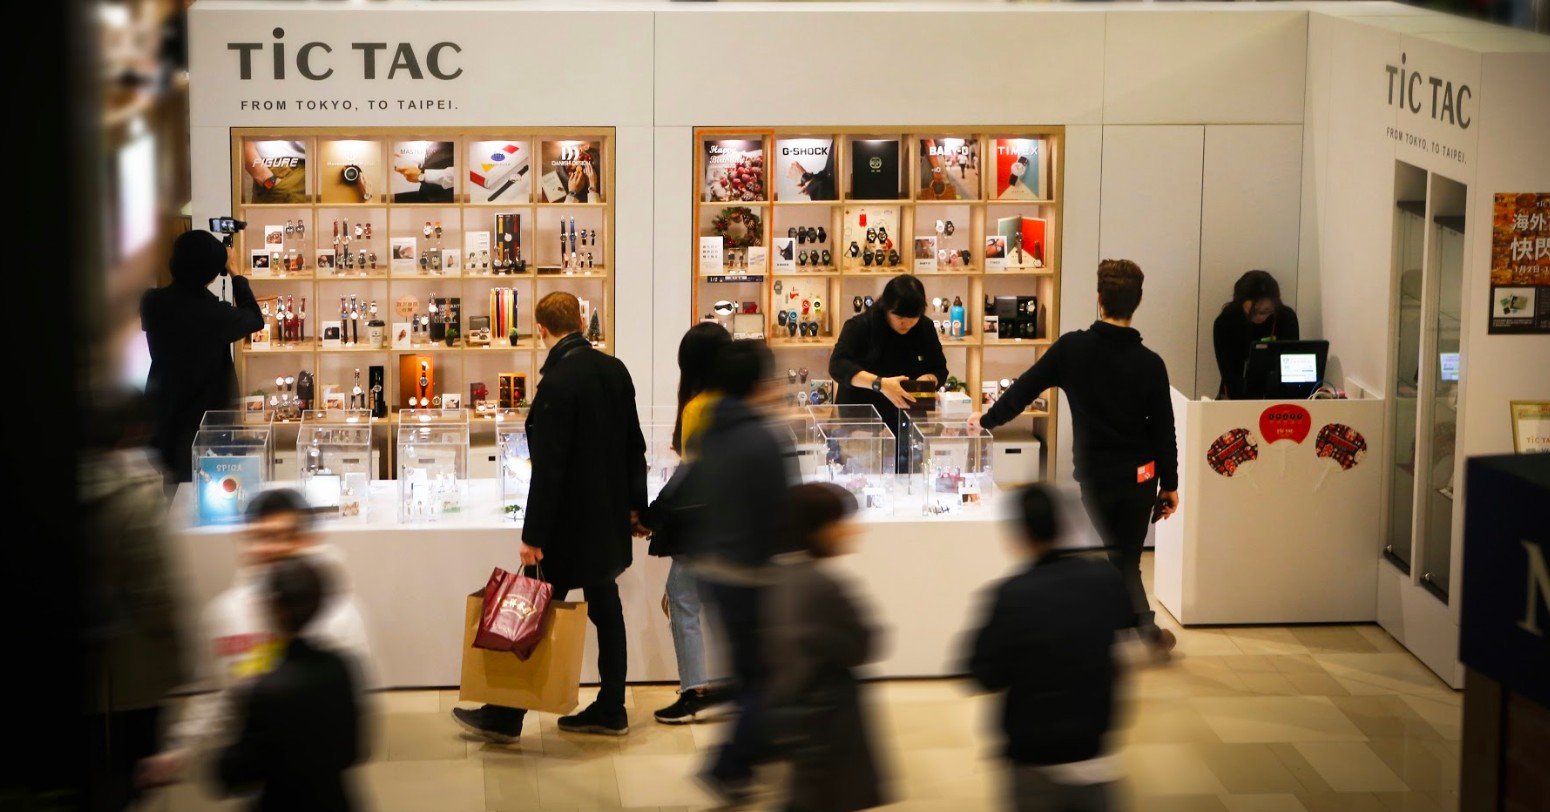 日本知名腕錶選物店TiCTAC於京站時尚廣場開設快閃店